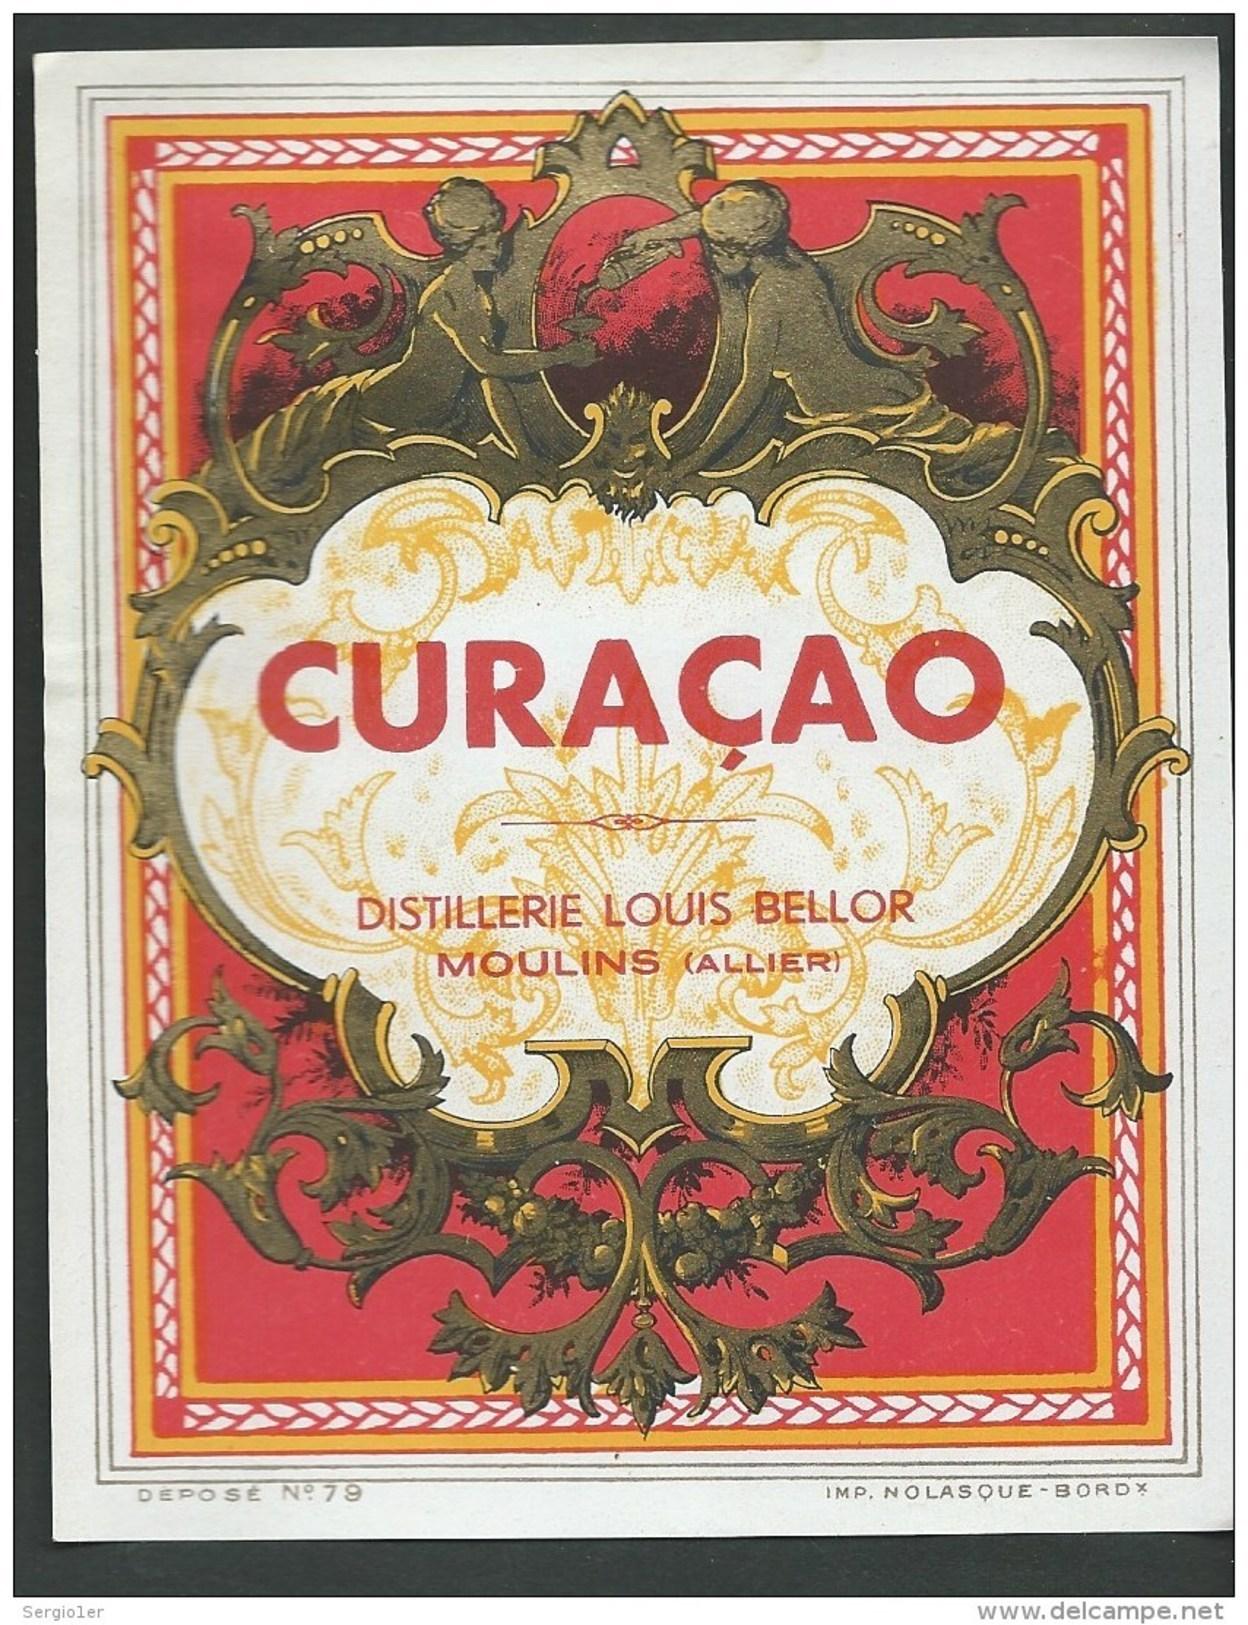 Ancienne Etiquette  Curaçao Distillerie Louis Bellor Moulins Allier 03  Imp Nolasque Bordeaux N°79 - Autres